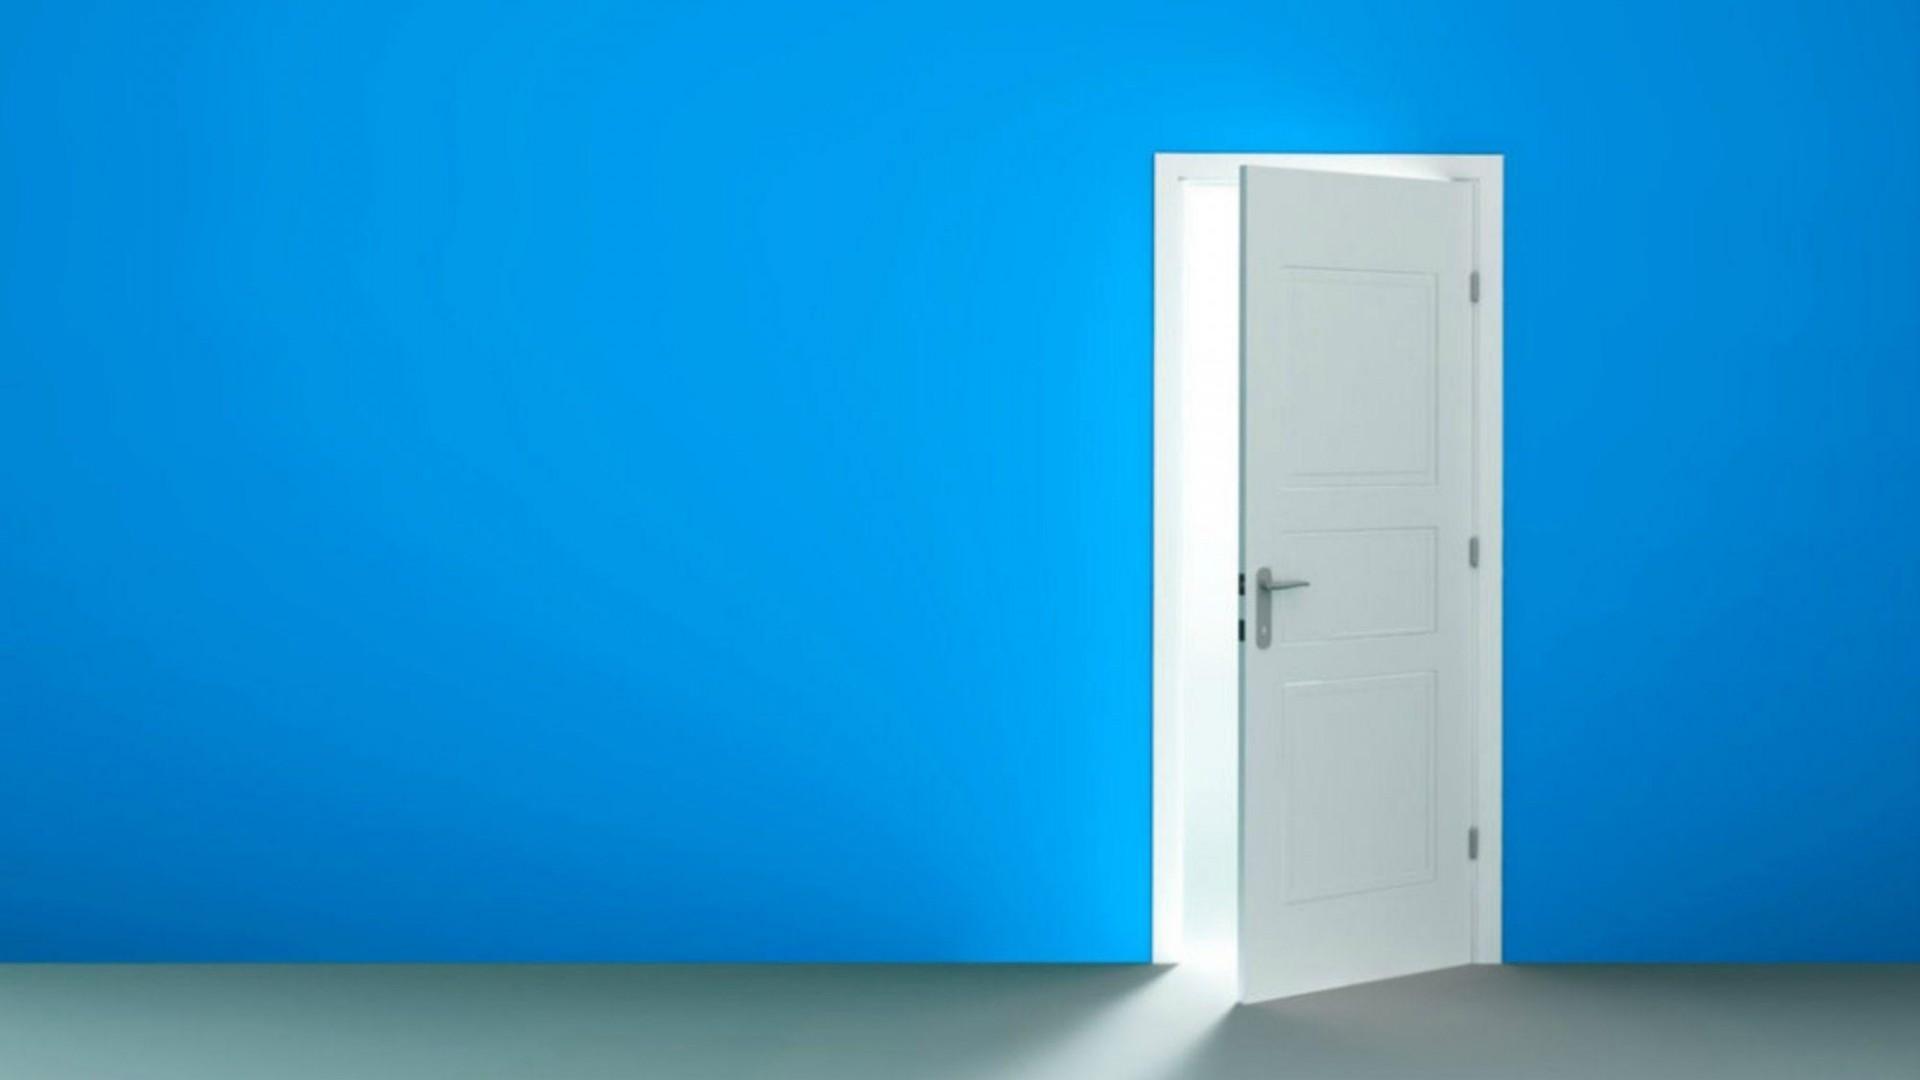 God Quotes Wallpapers For Mobile Door Wallpapers Hd Pixelstalk Net